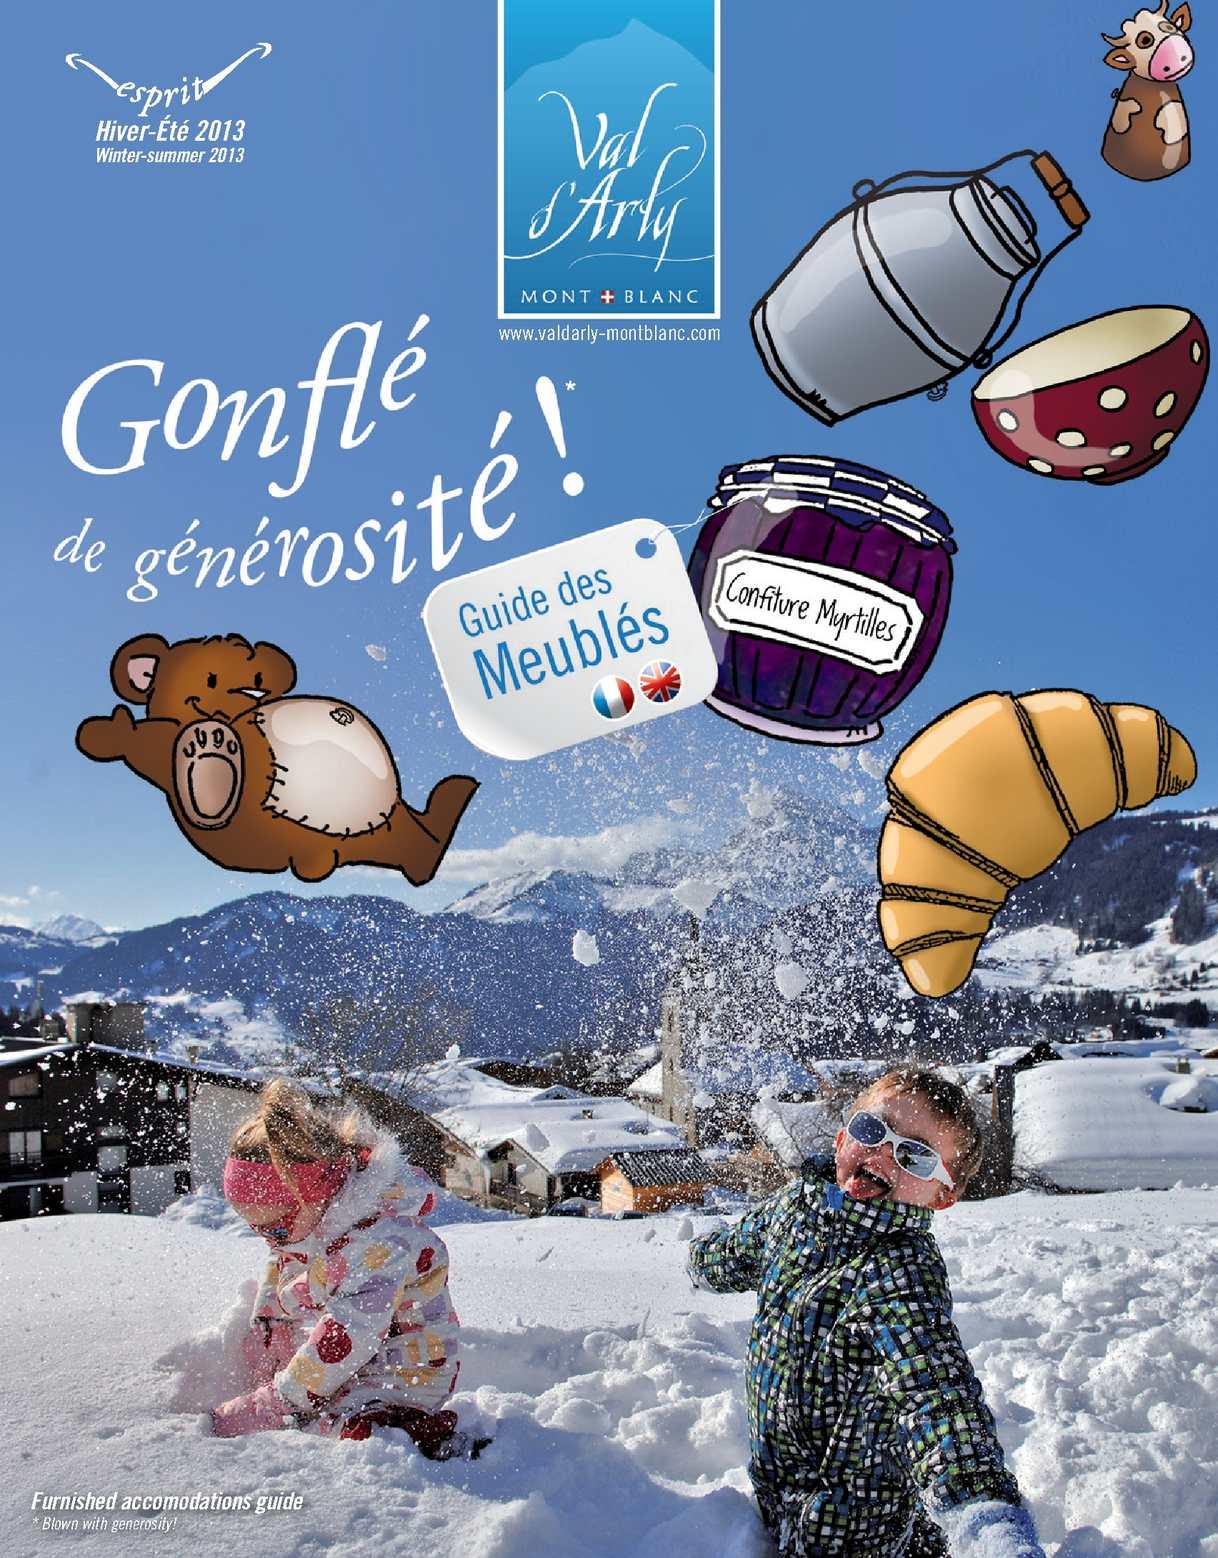 Le Guide des meublés 2012/2013 du Val d'Arly Mont-blanc